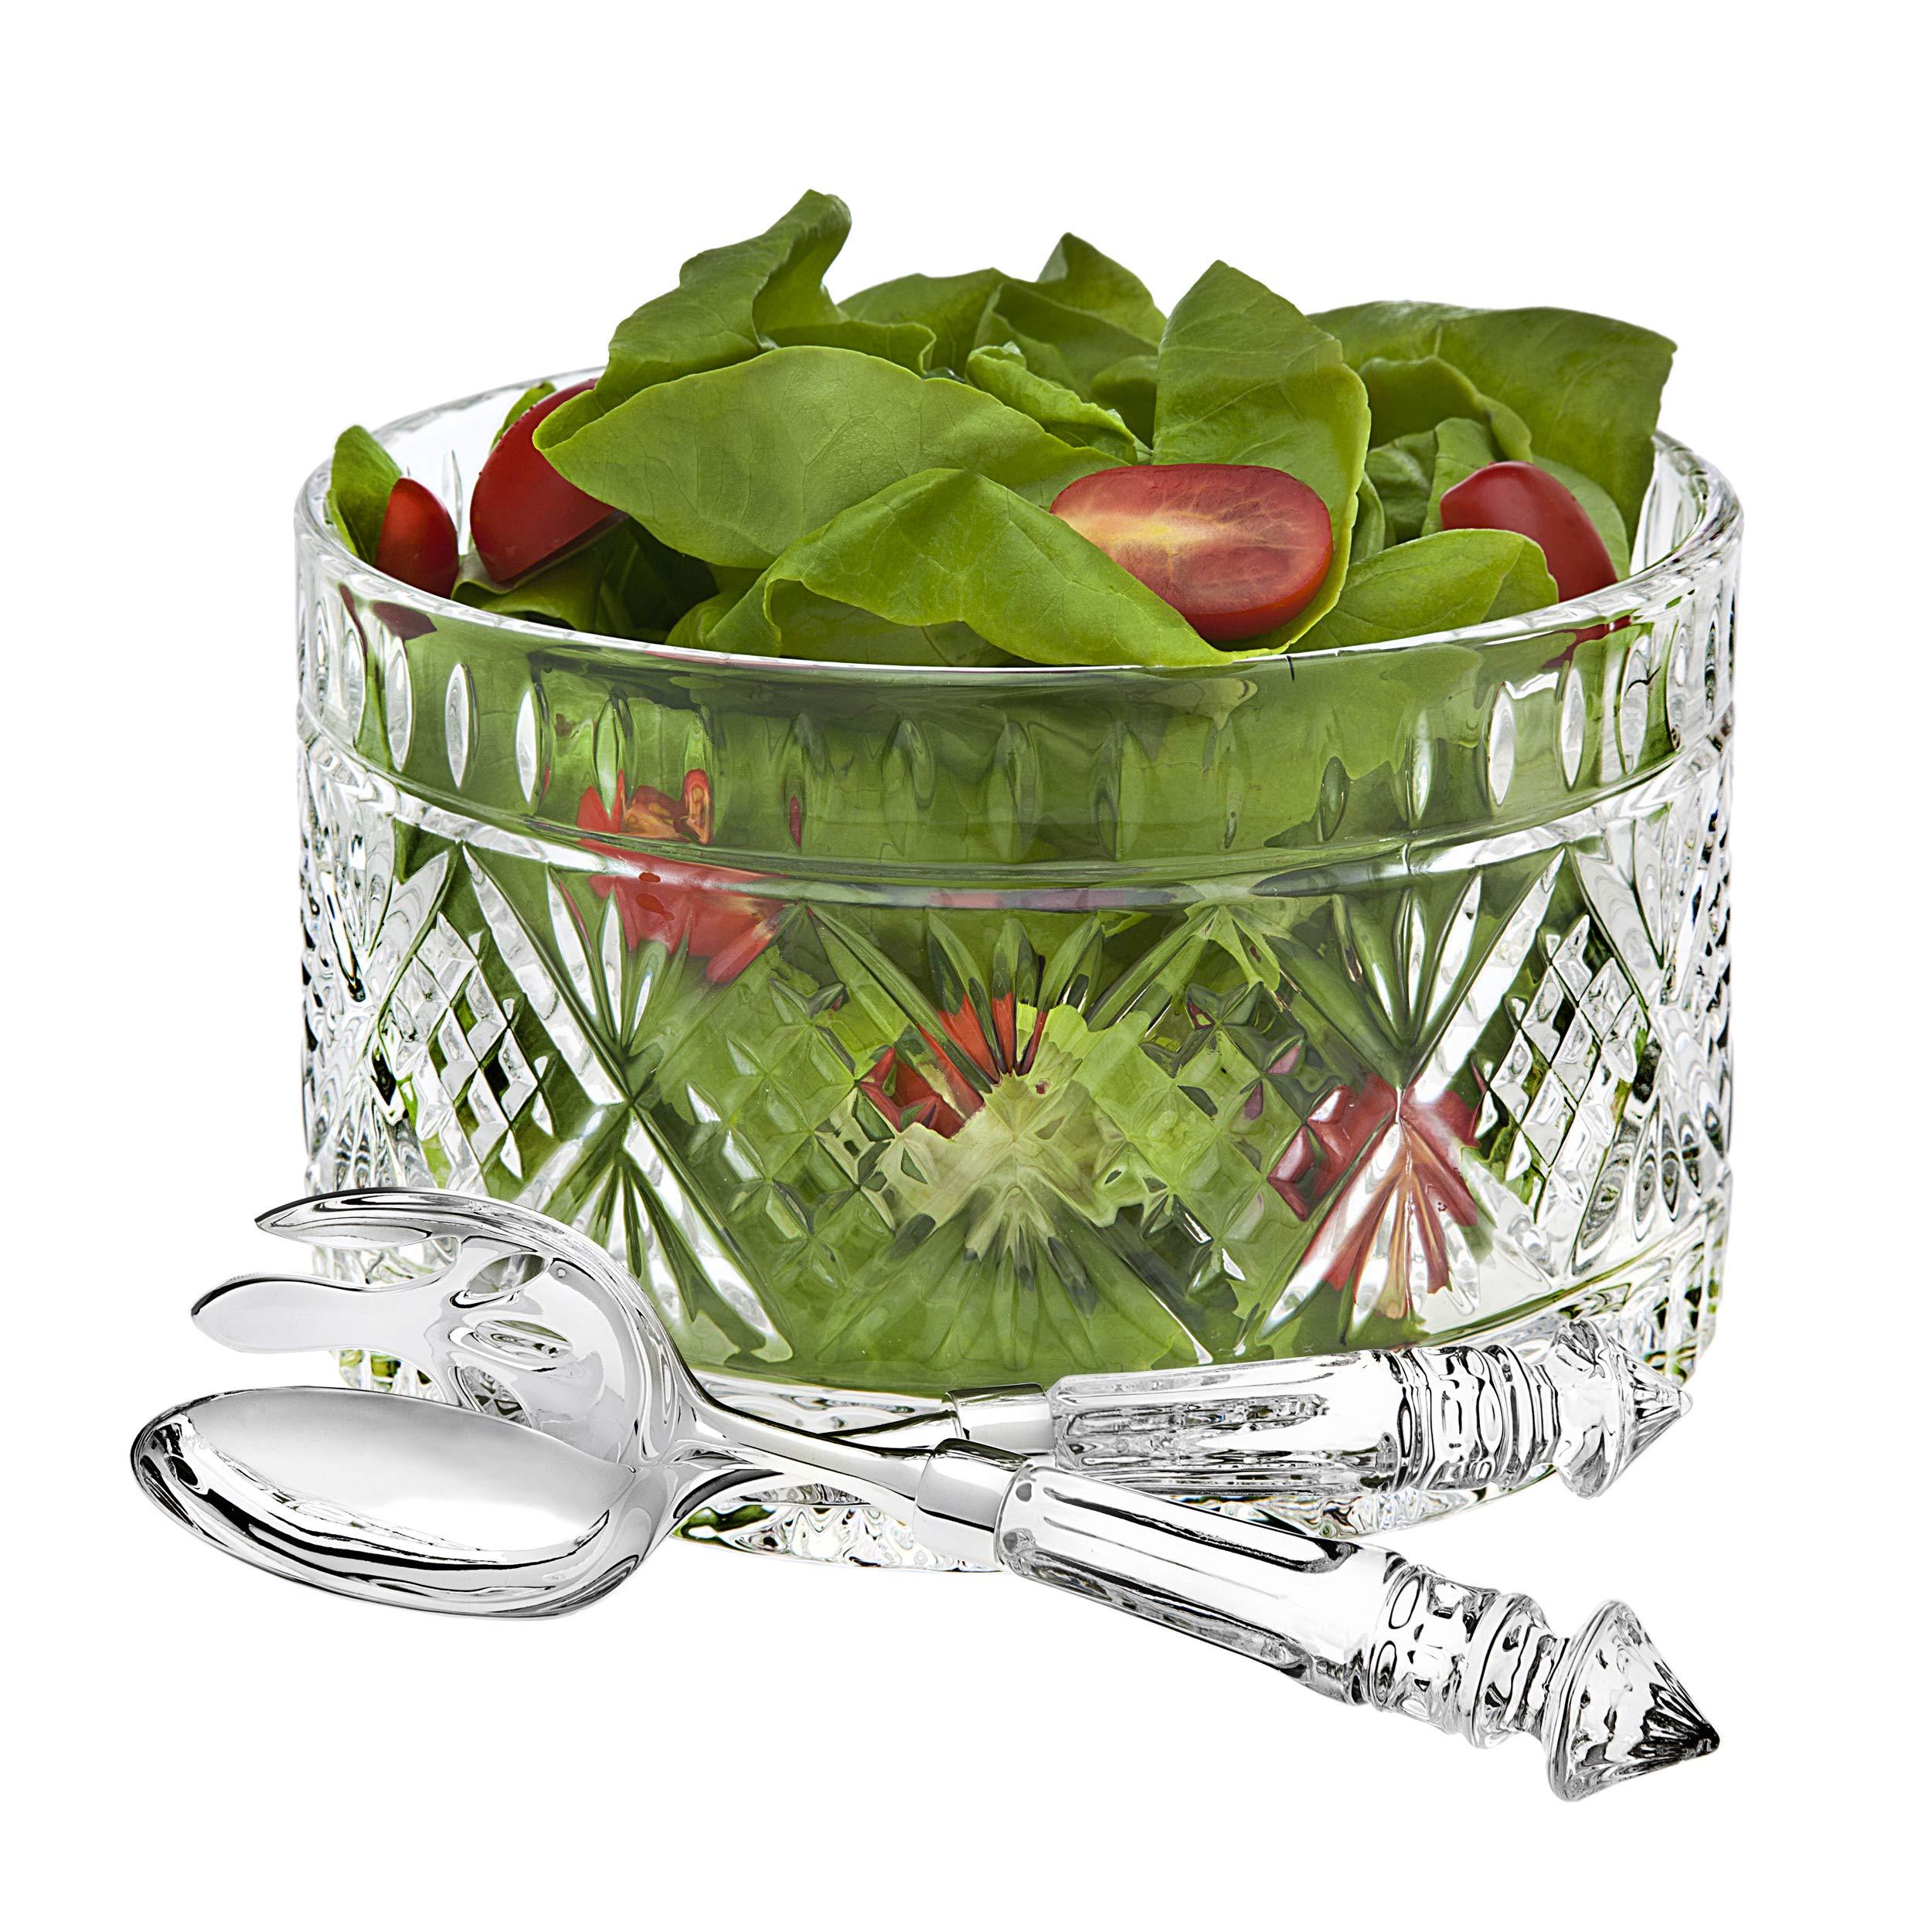 Set of 3 High Quality Crystal Clear Salad Bowl Serving Set, Salad Serving Utensils Included Large Serving Dish,